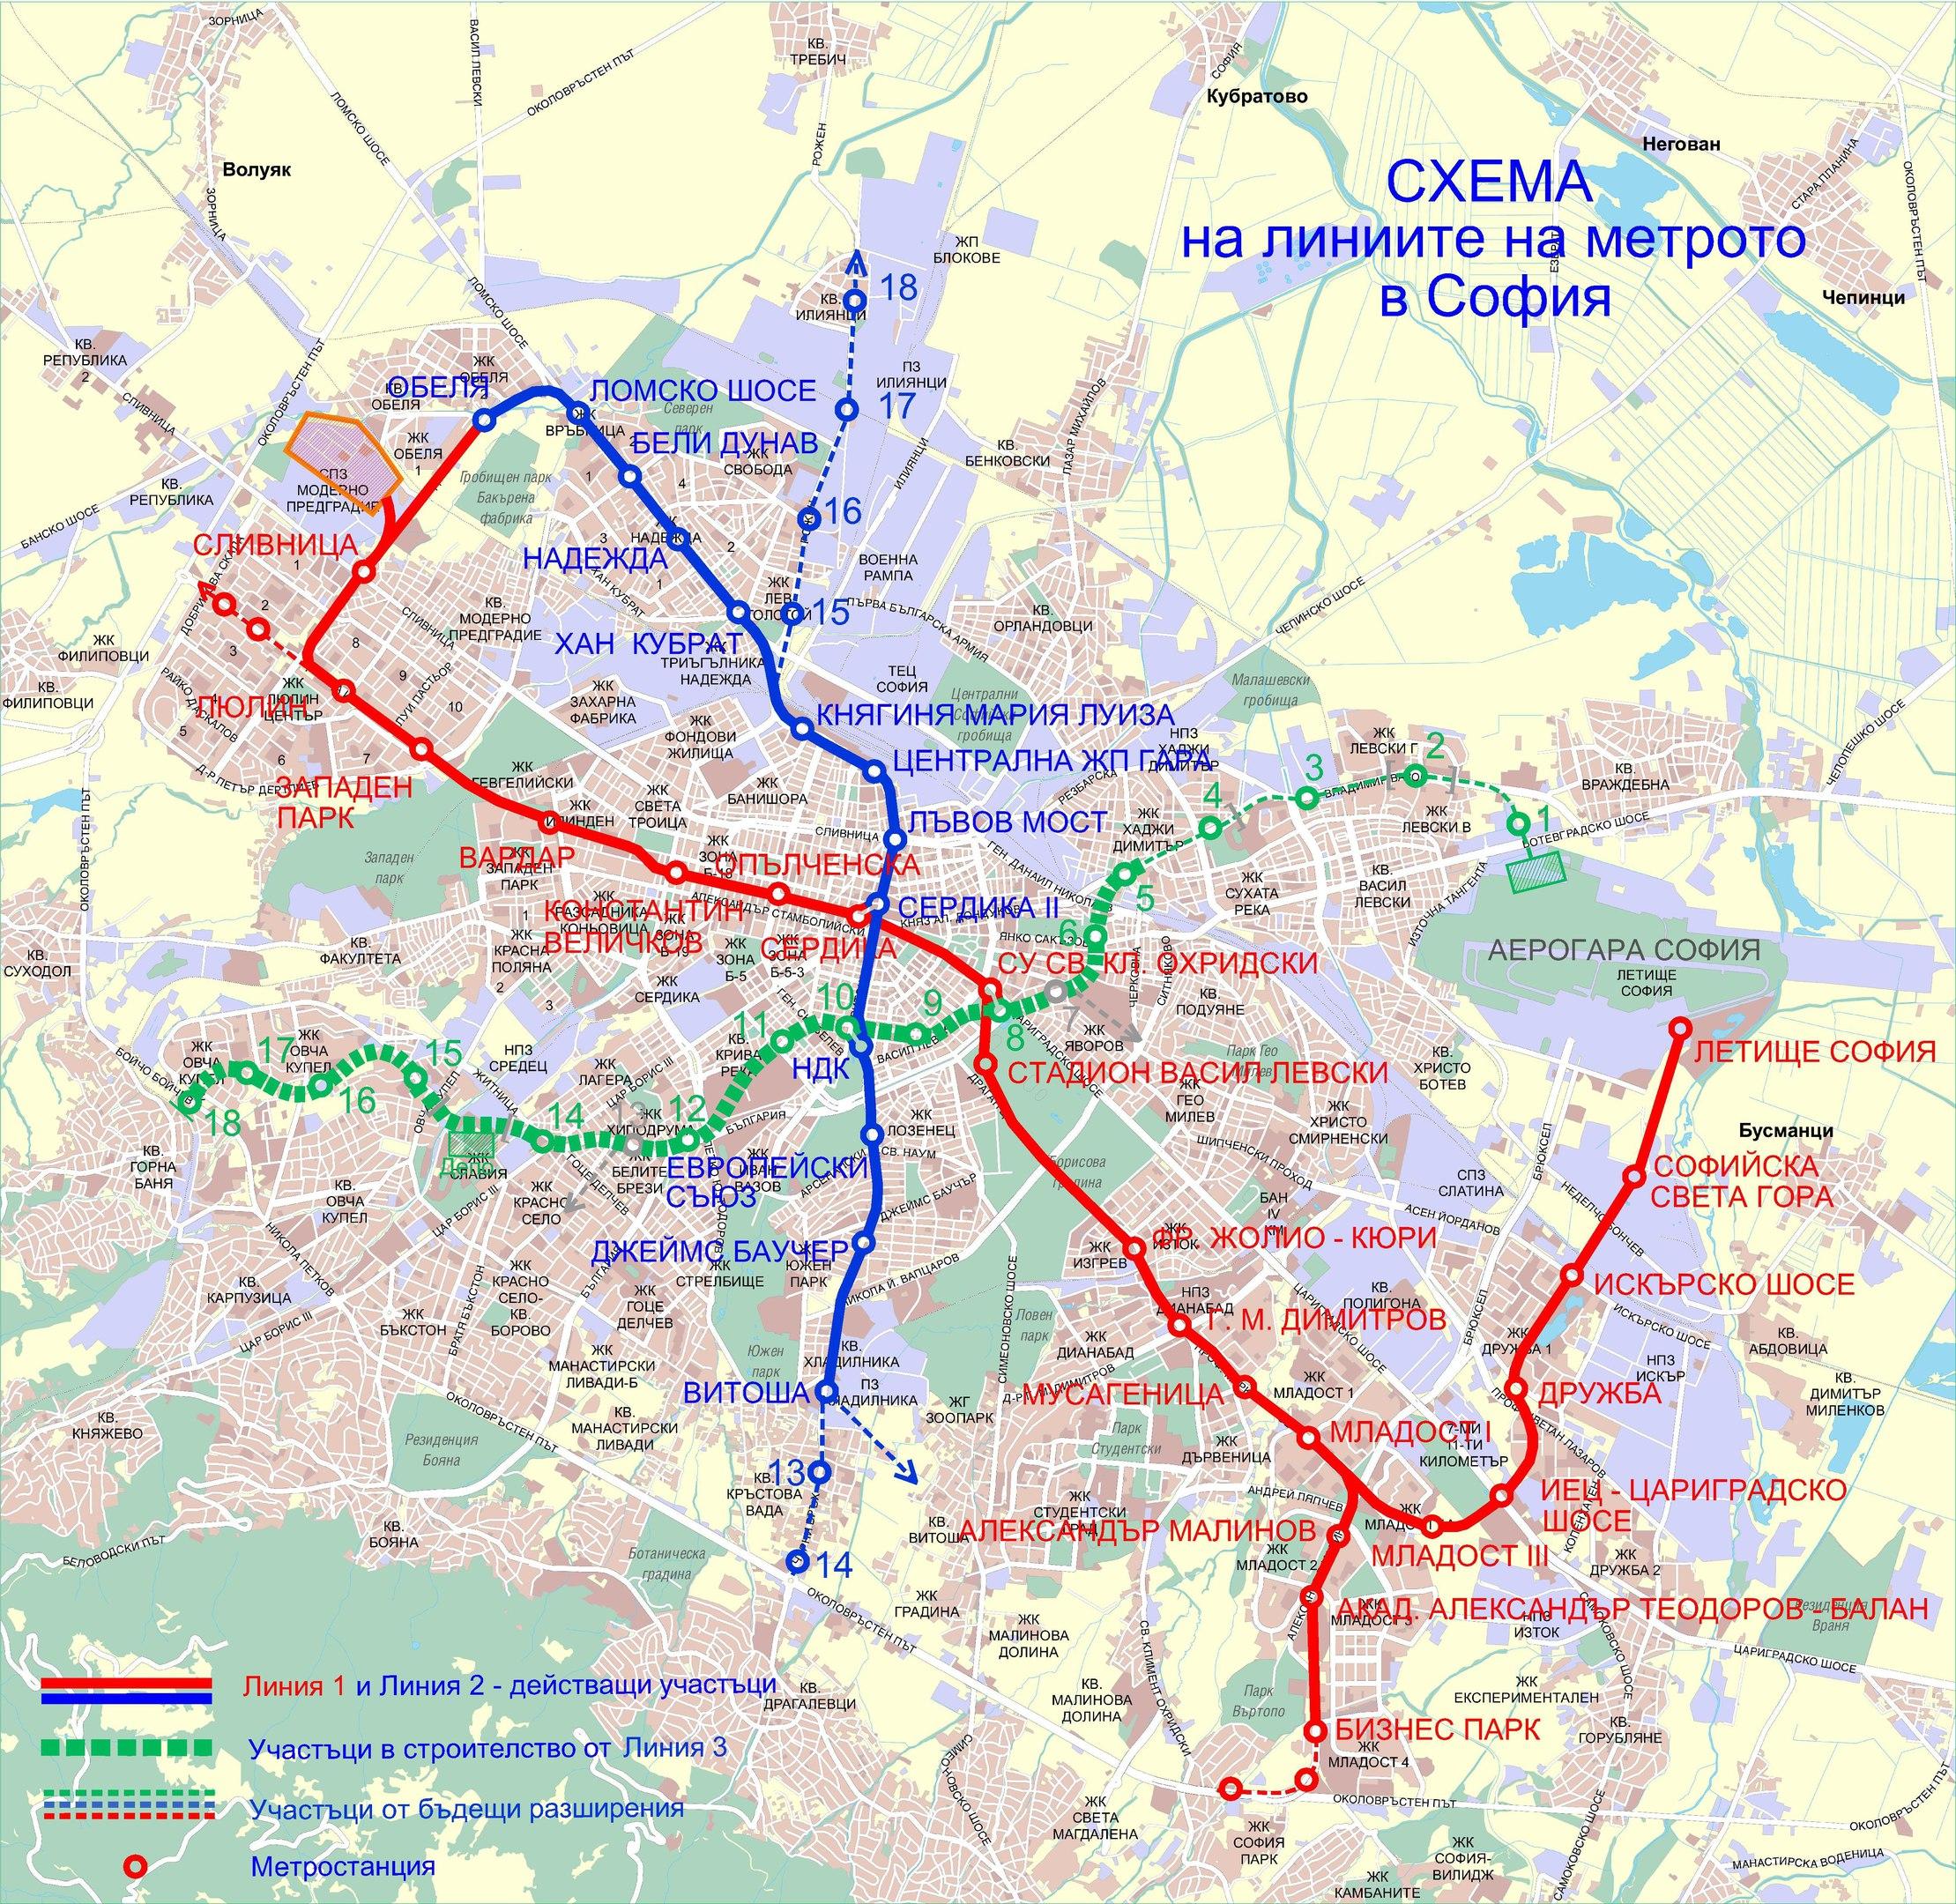 Схема метрополитена Софии